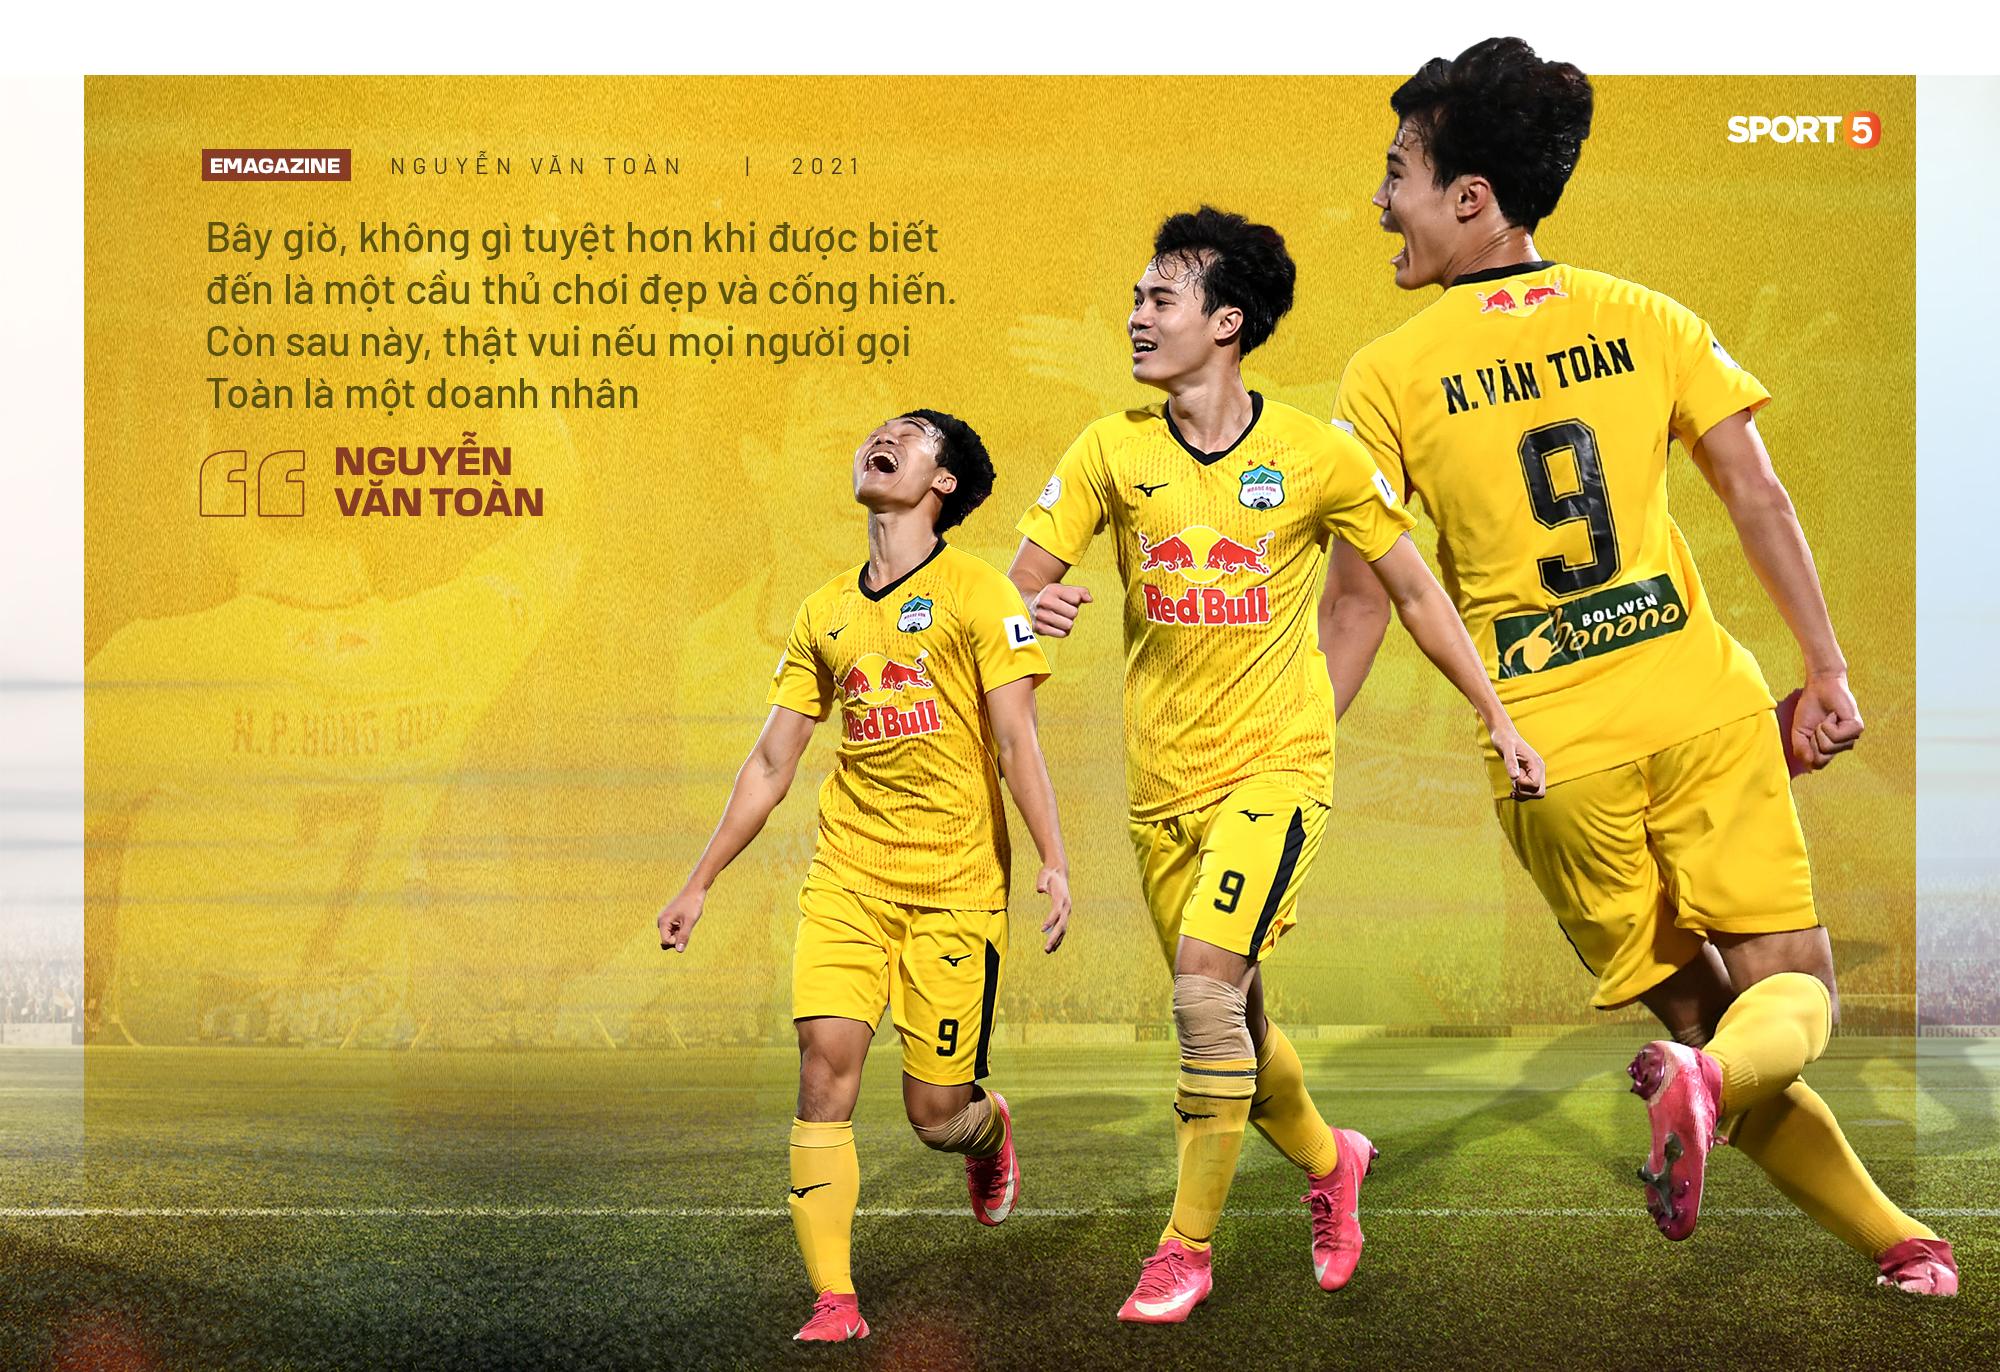 Nguyễn Văn Toàn: Tôi muốn được nhớ đến là một cầu thủ thành công và doanh nhân thành đạt - Ảnh 5.